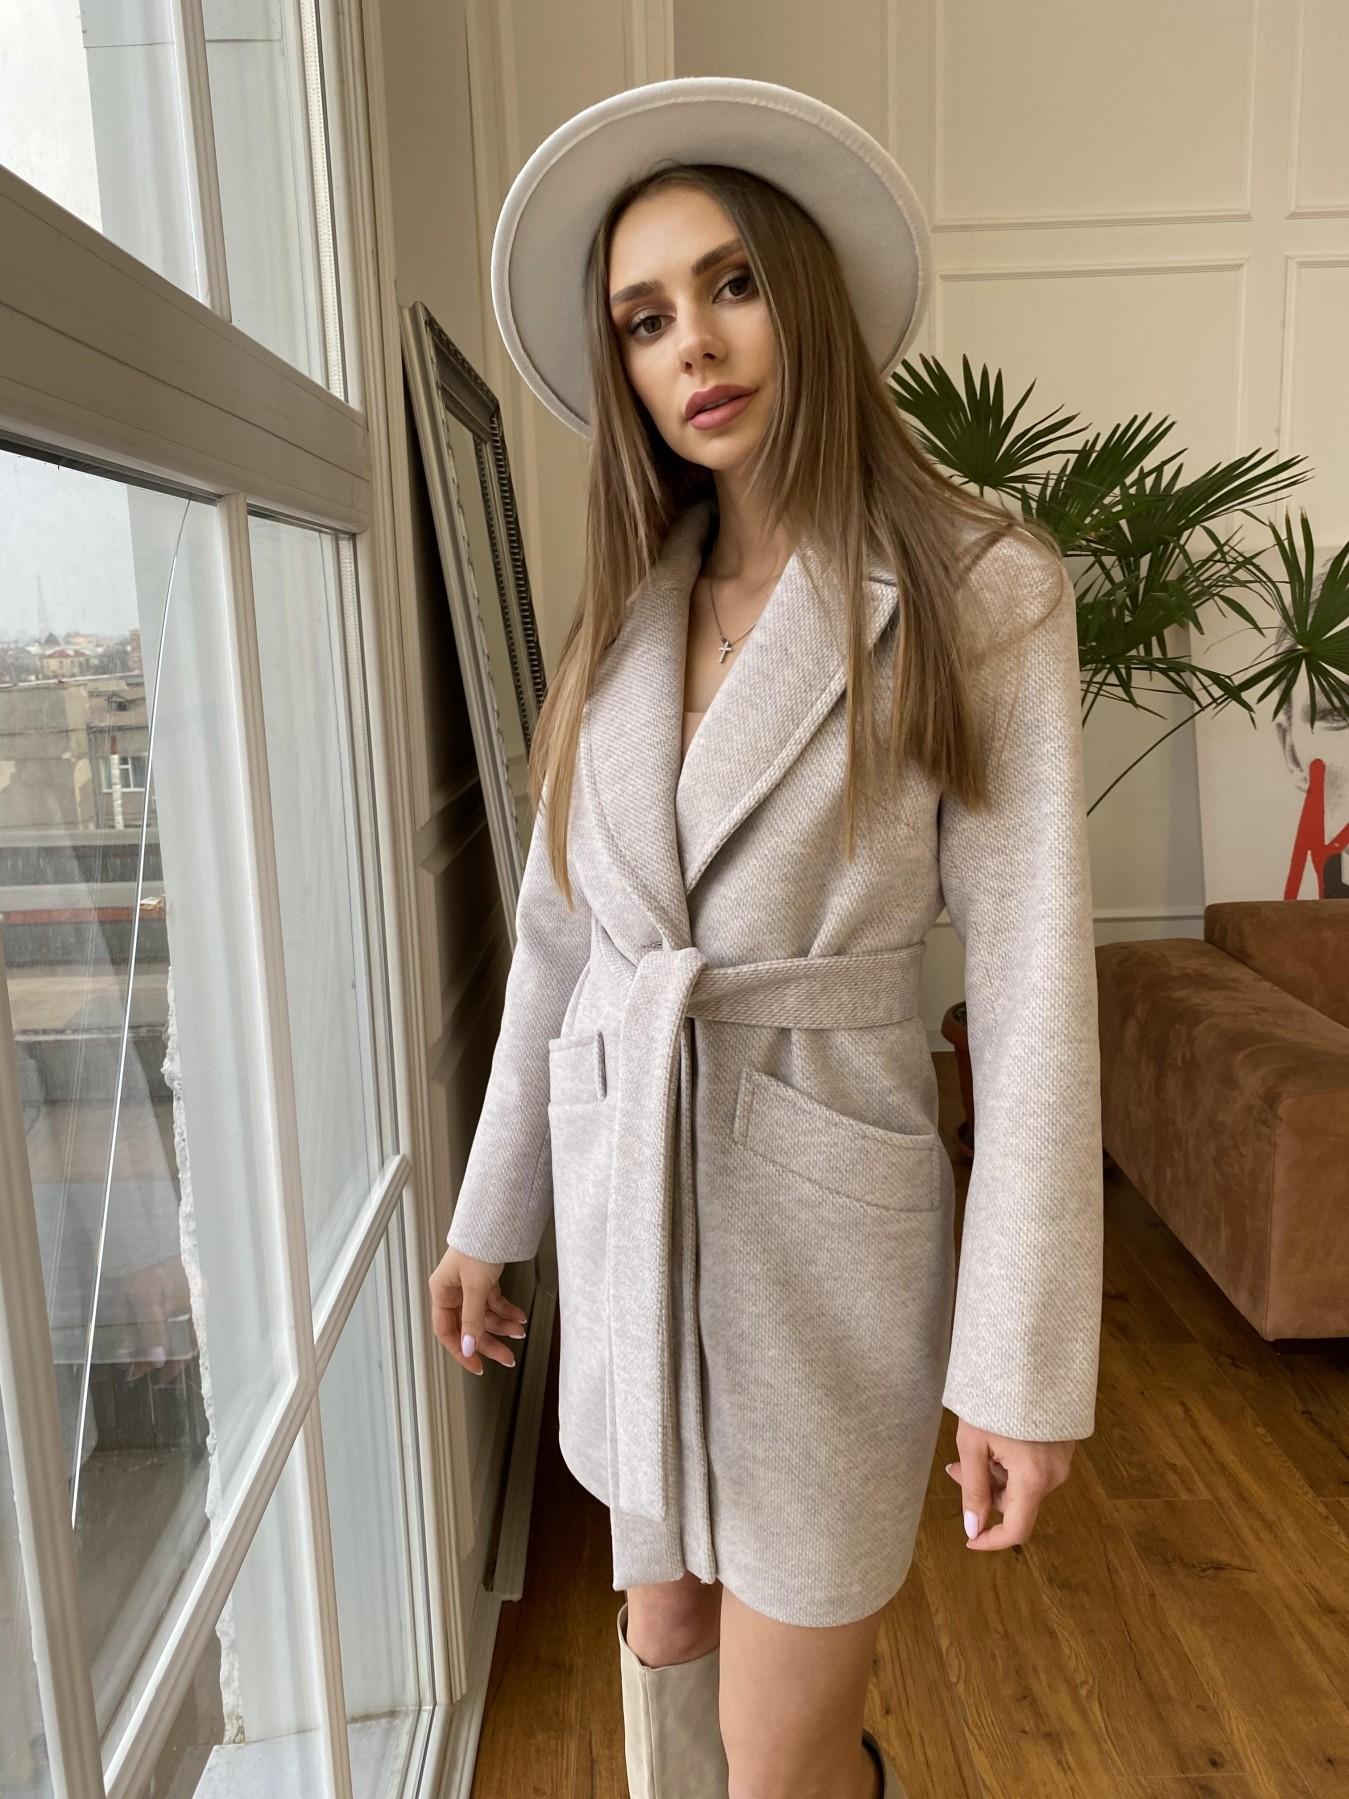 Вейсона флеш пальто из пальтовой ткани 10751 АРТ. 47555 Цвет: Бежевый 29 - фото 4, интернет магазин tm-modus.ru